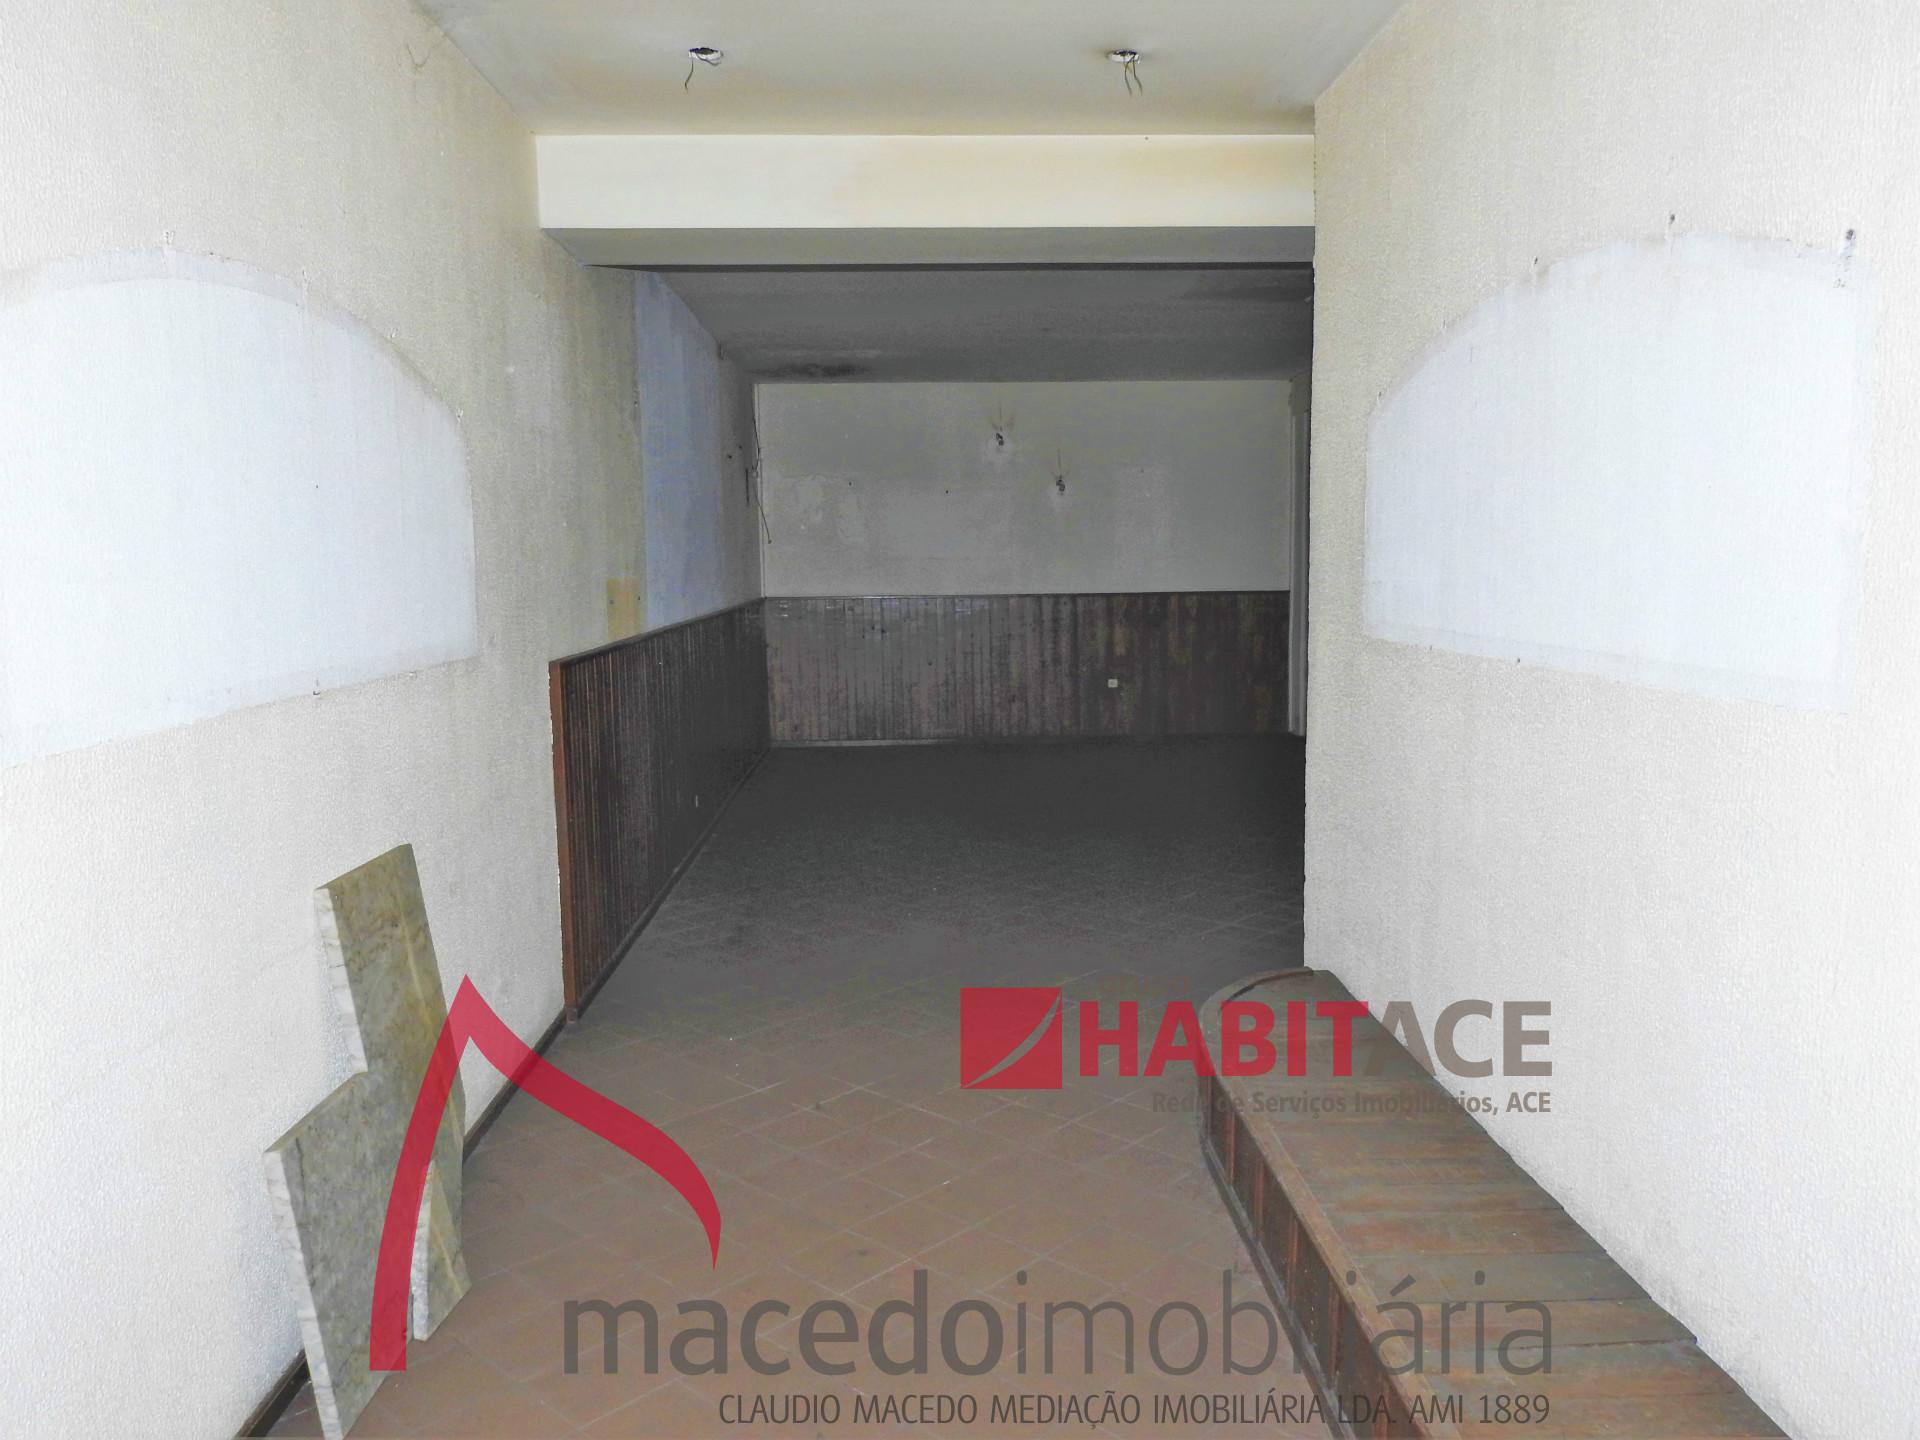 Loja para arrendamento em S. Vitor com 114m2